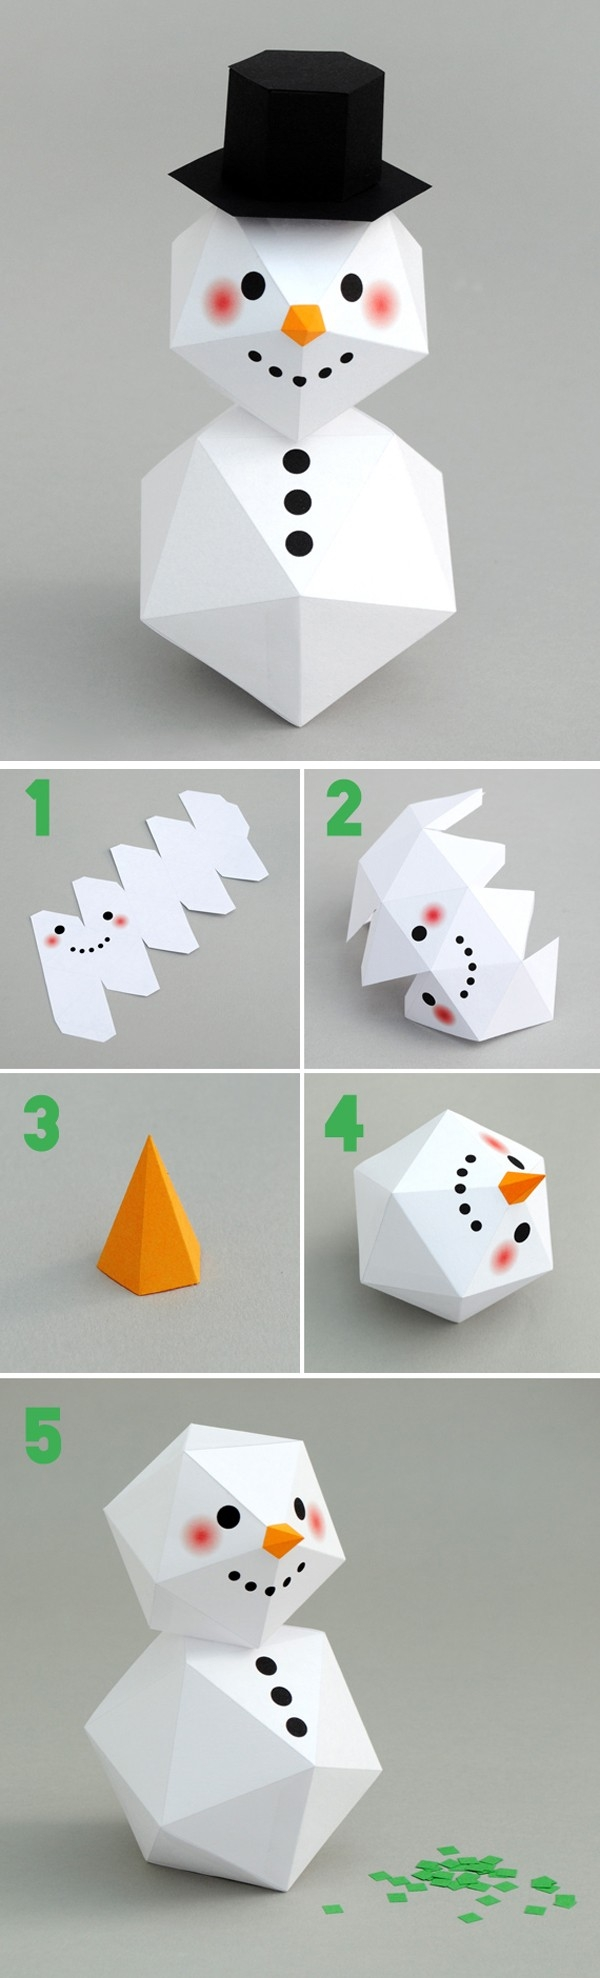 Hướng dẫn bạn làm đồ trang trí Noel cực đẹp đơn giản, dễ làm giúp Noel thêm ý nghĩa 6